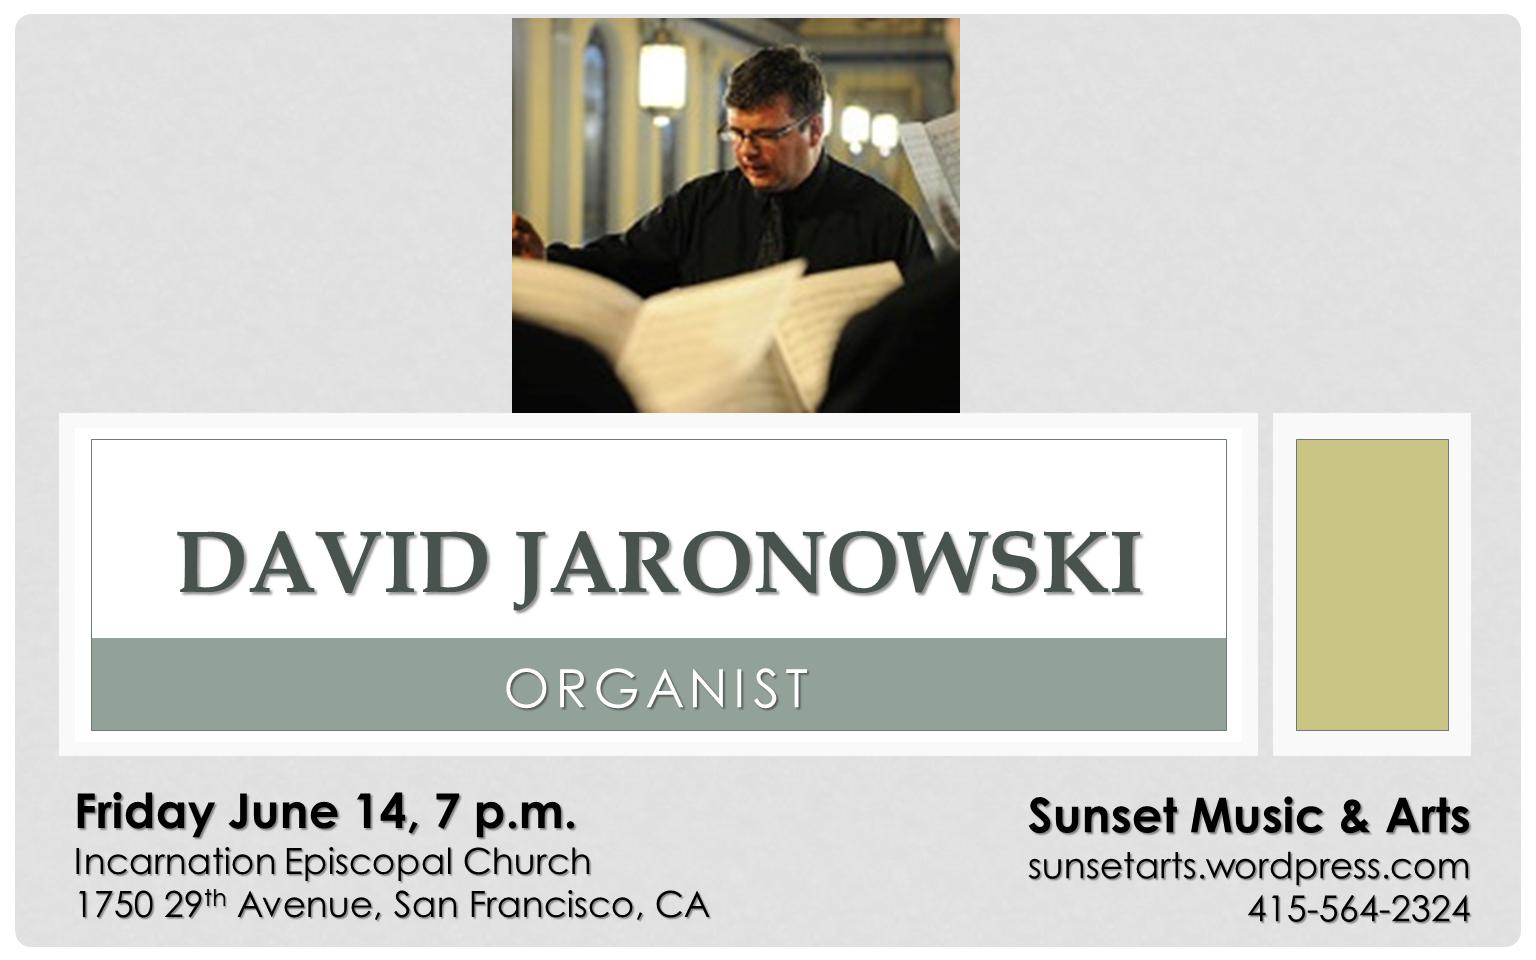 David Jaronowski